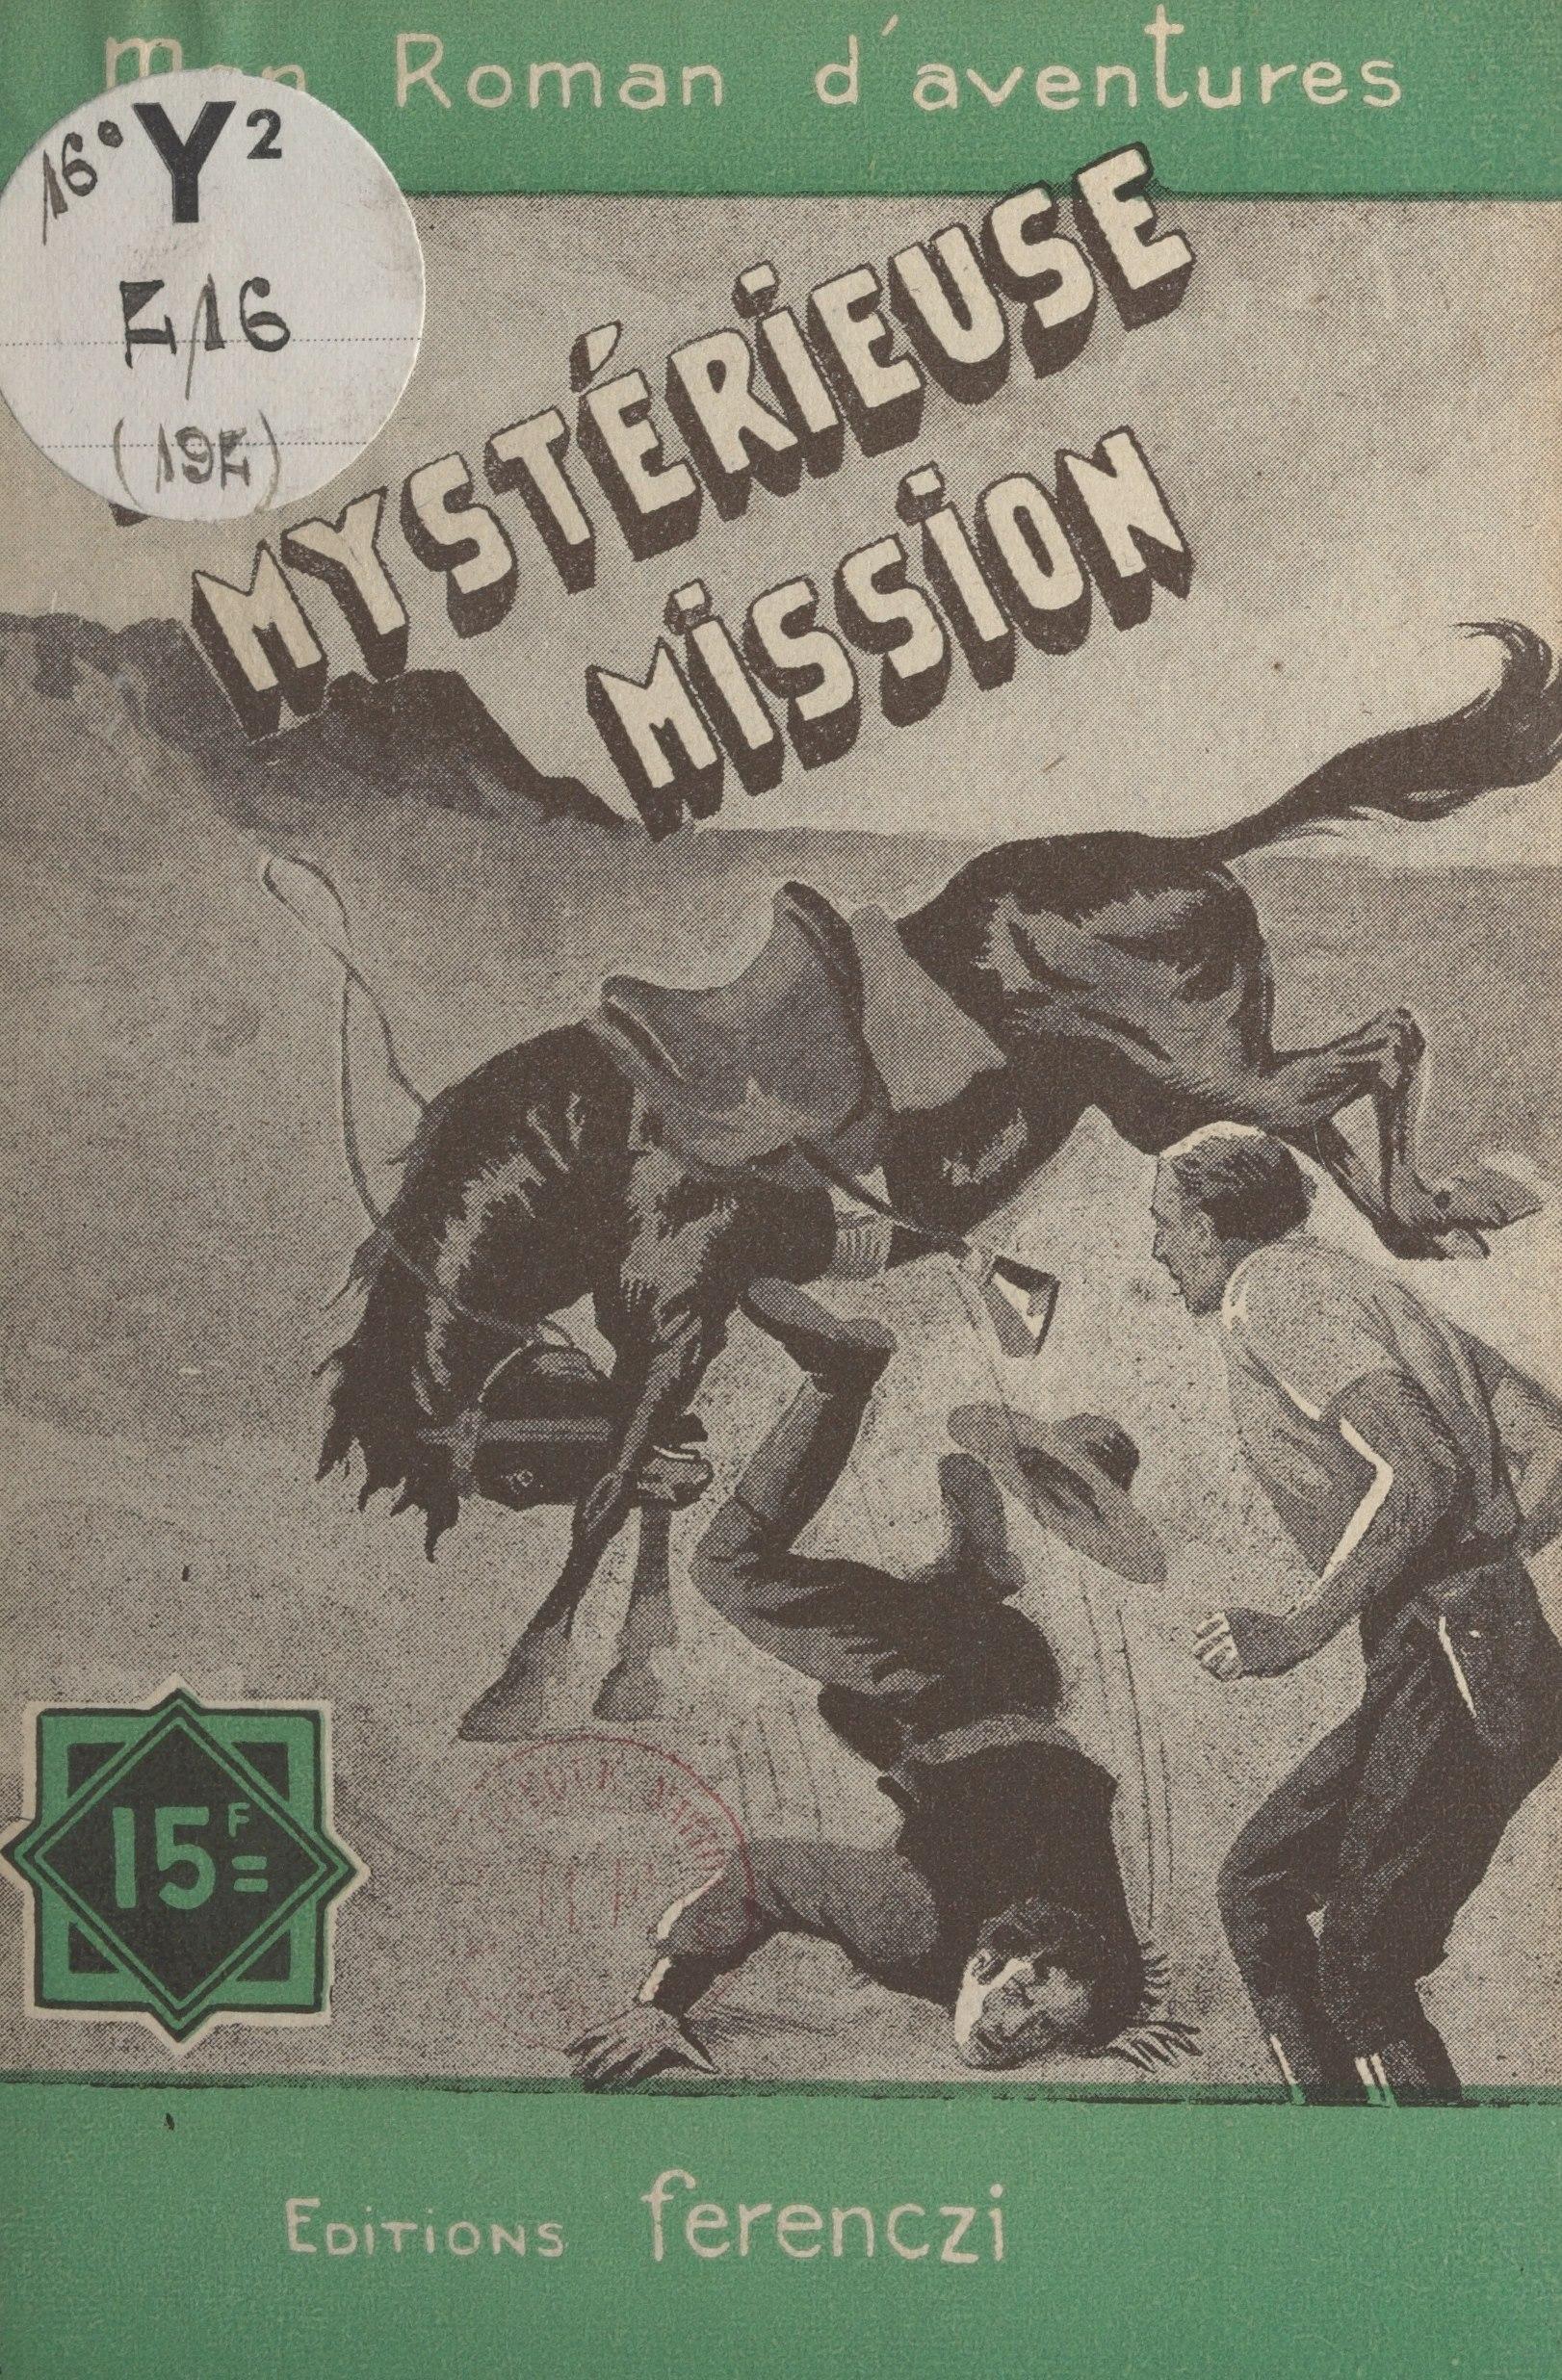 La mystérieuse mission